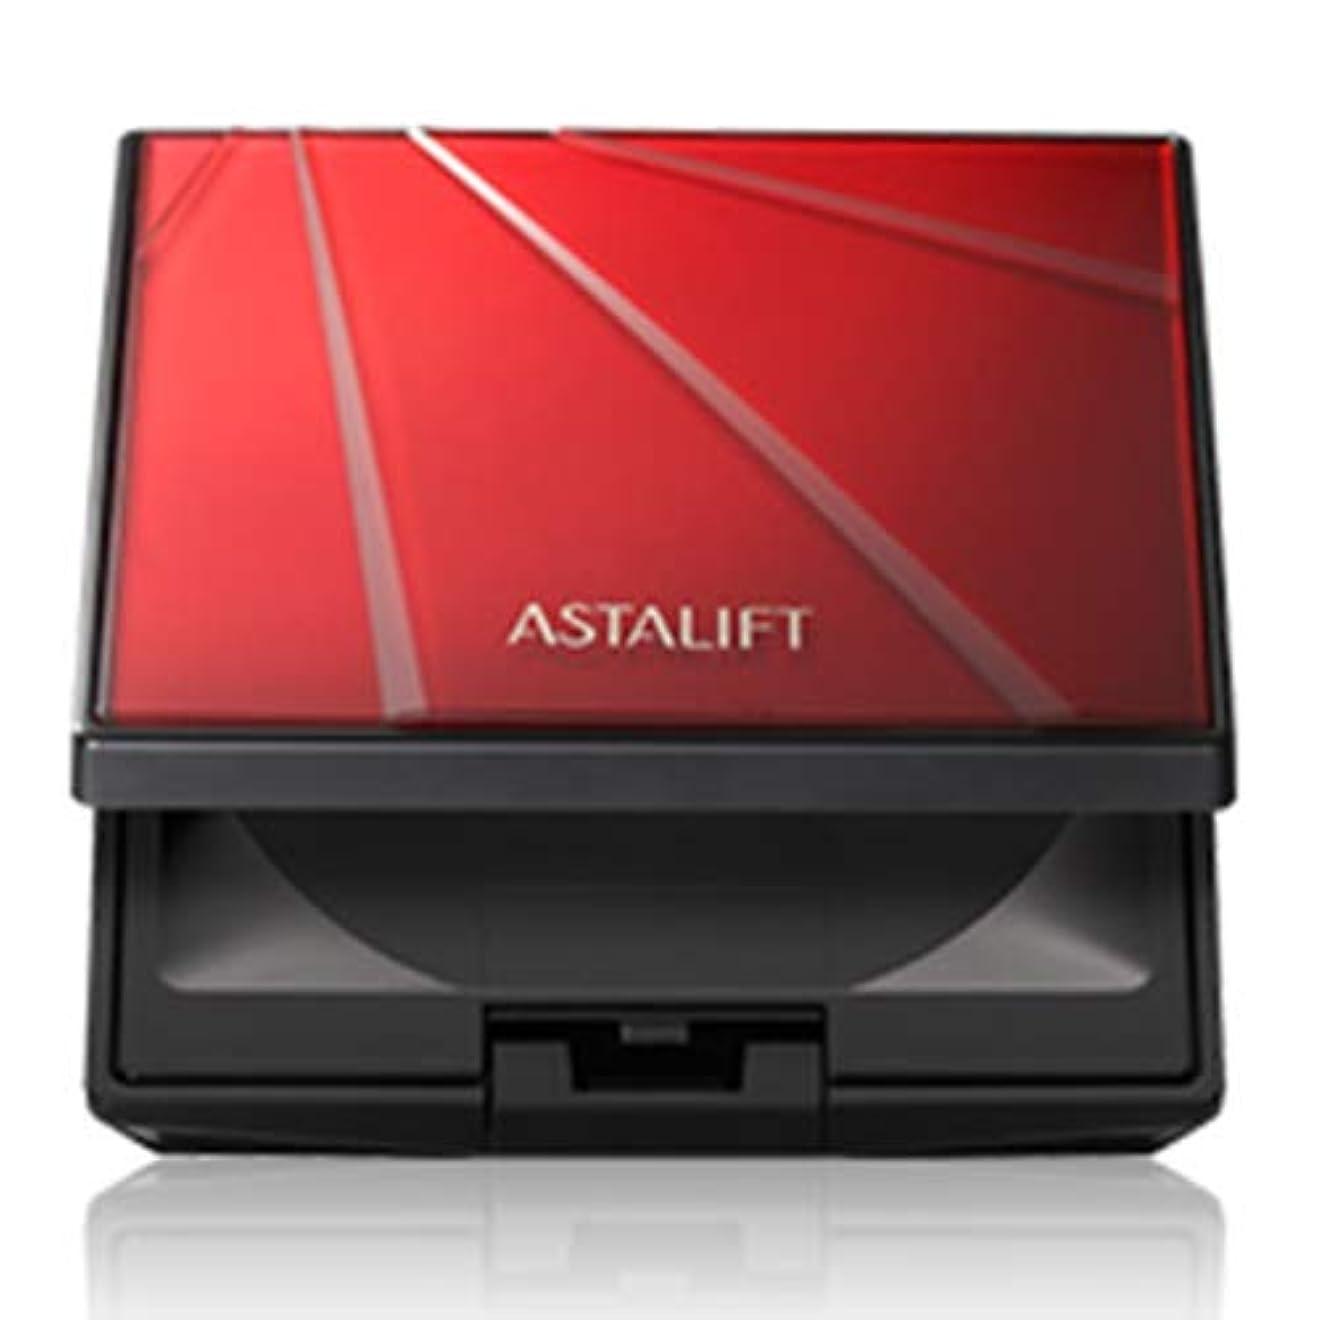 ファンシー寛大な側ASTALIFT(アスタリフト) ライティングパーフェクション プレストパウダー用ケース